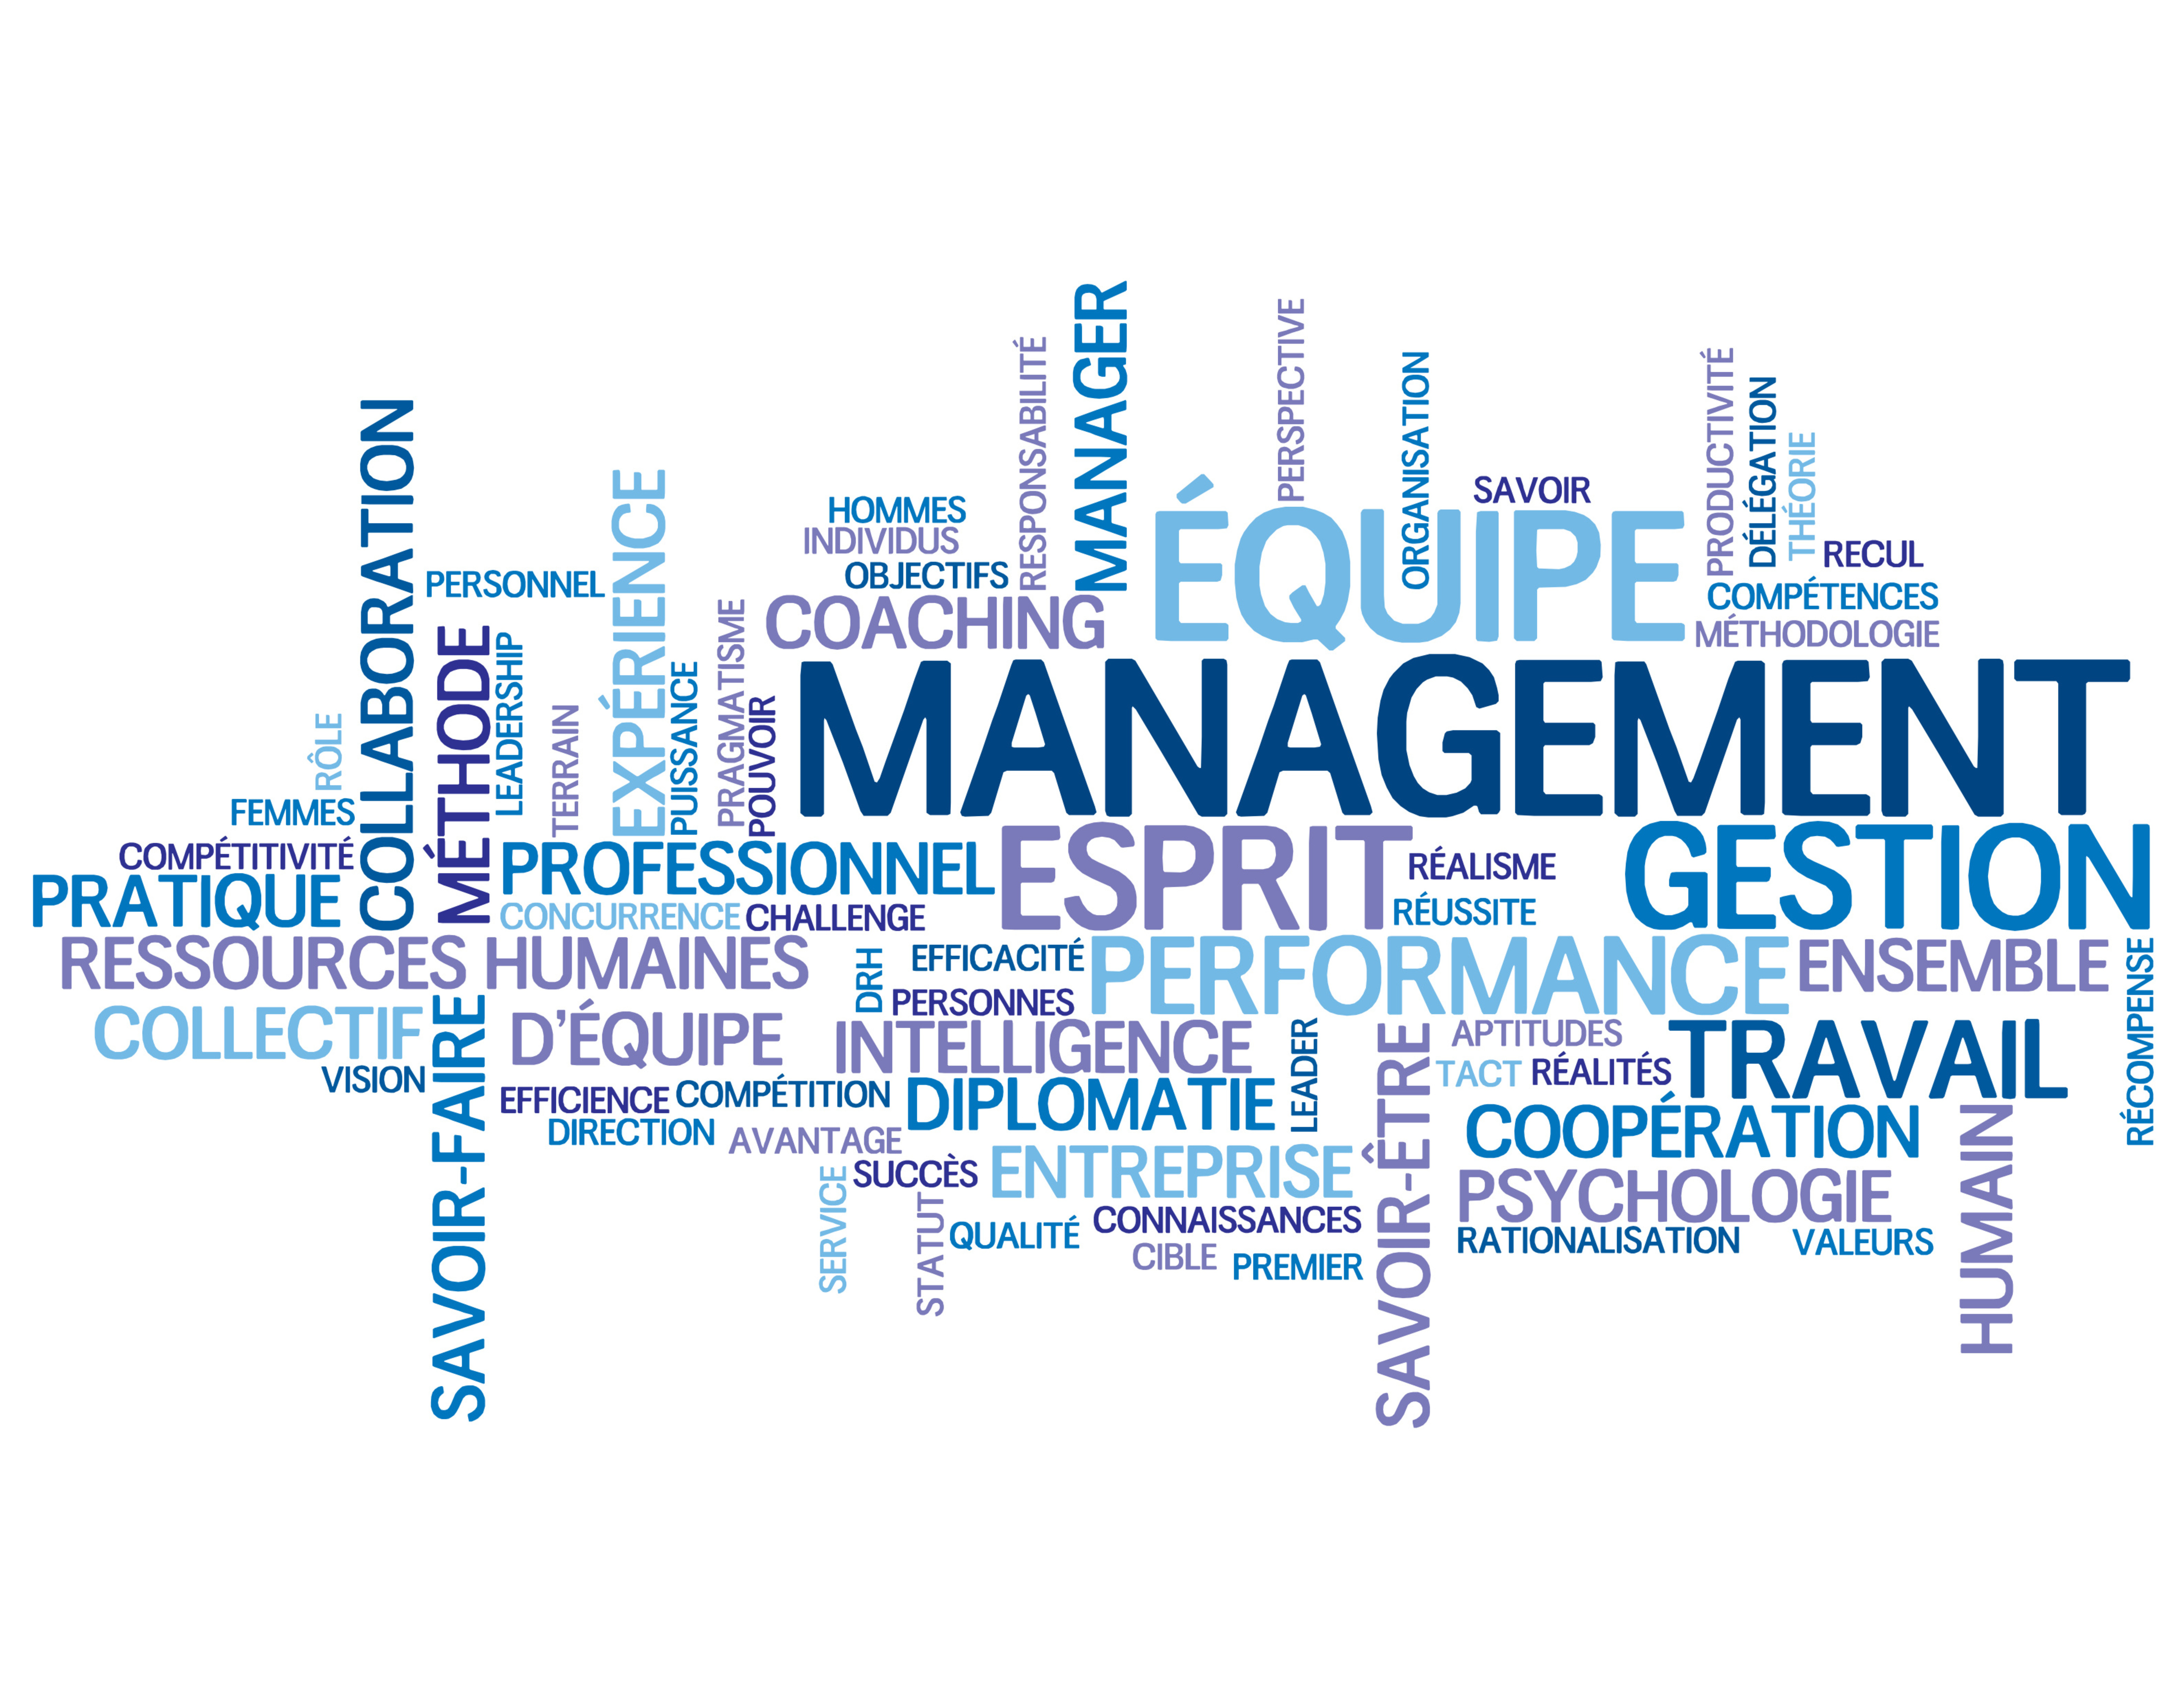 Management Report Esprit